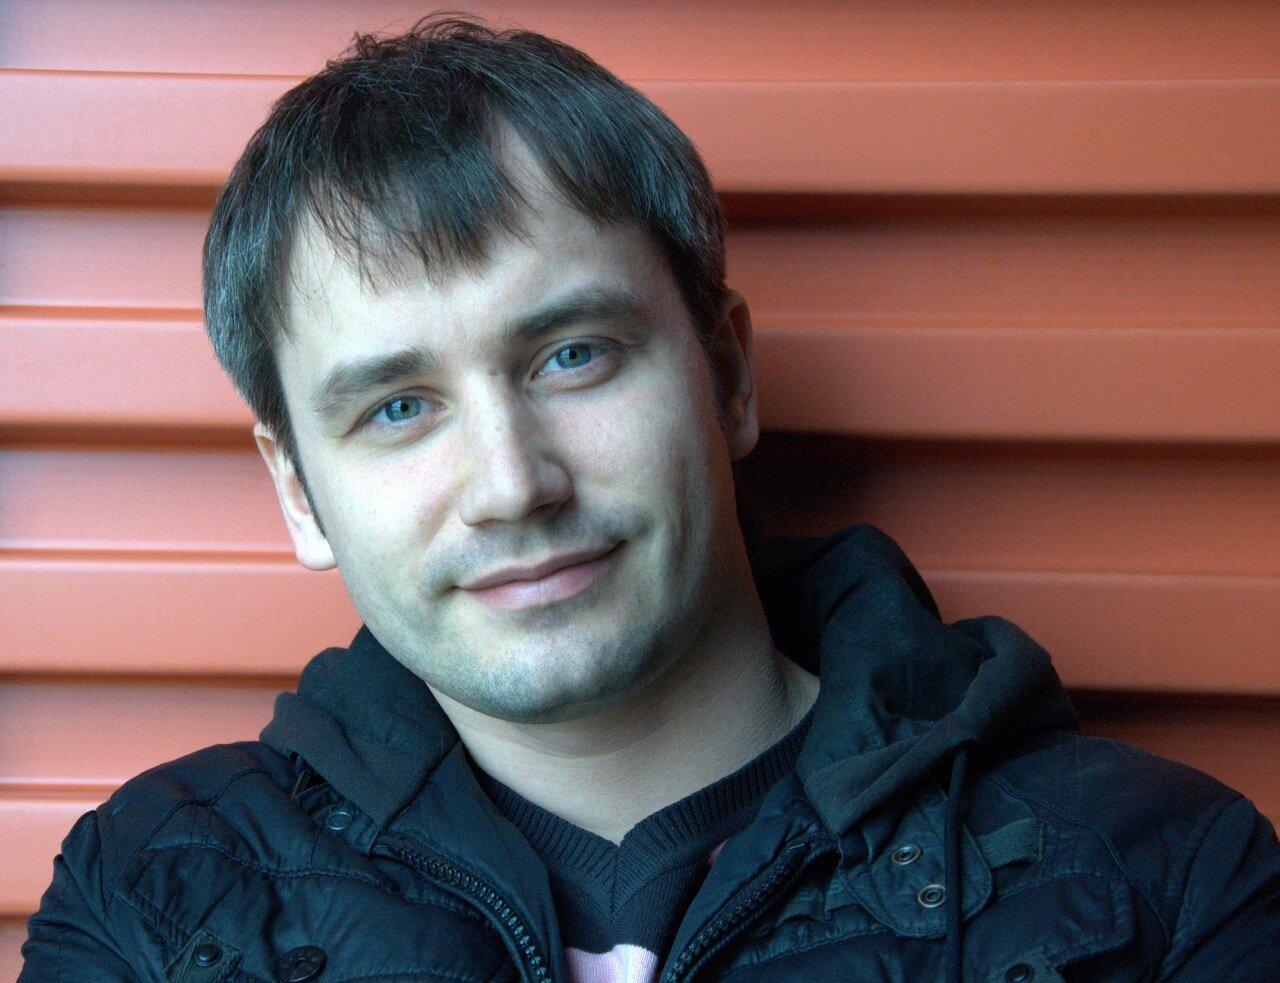 chastnoe-fotoalbomi-parney-seks-molodozhenov-v-horoshem-kachestve